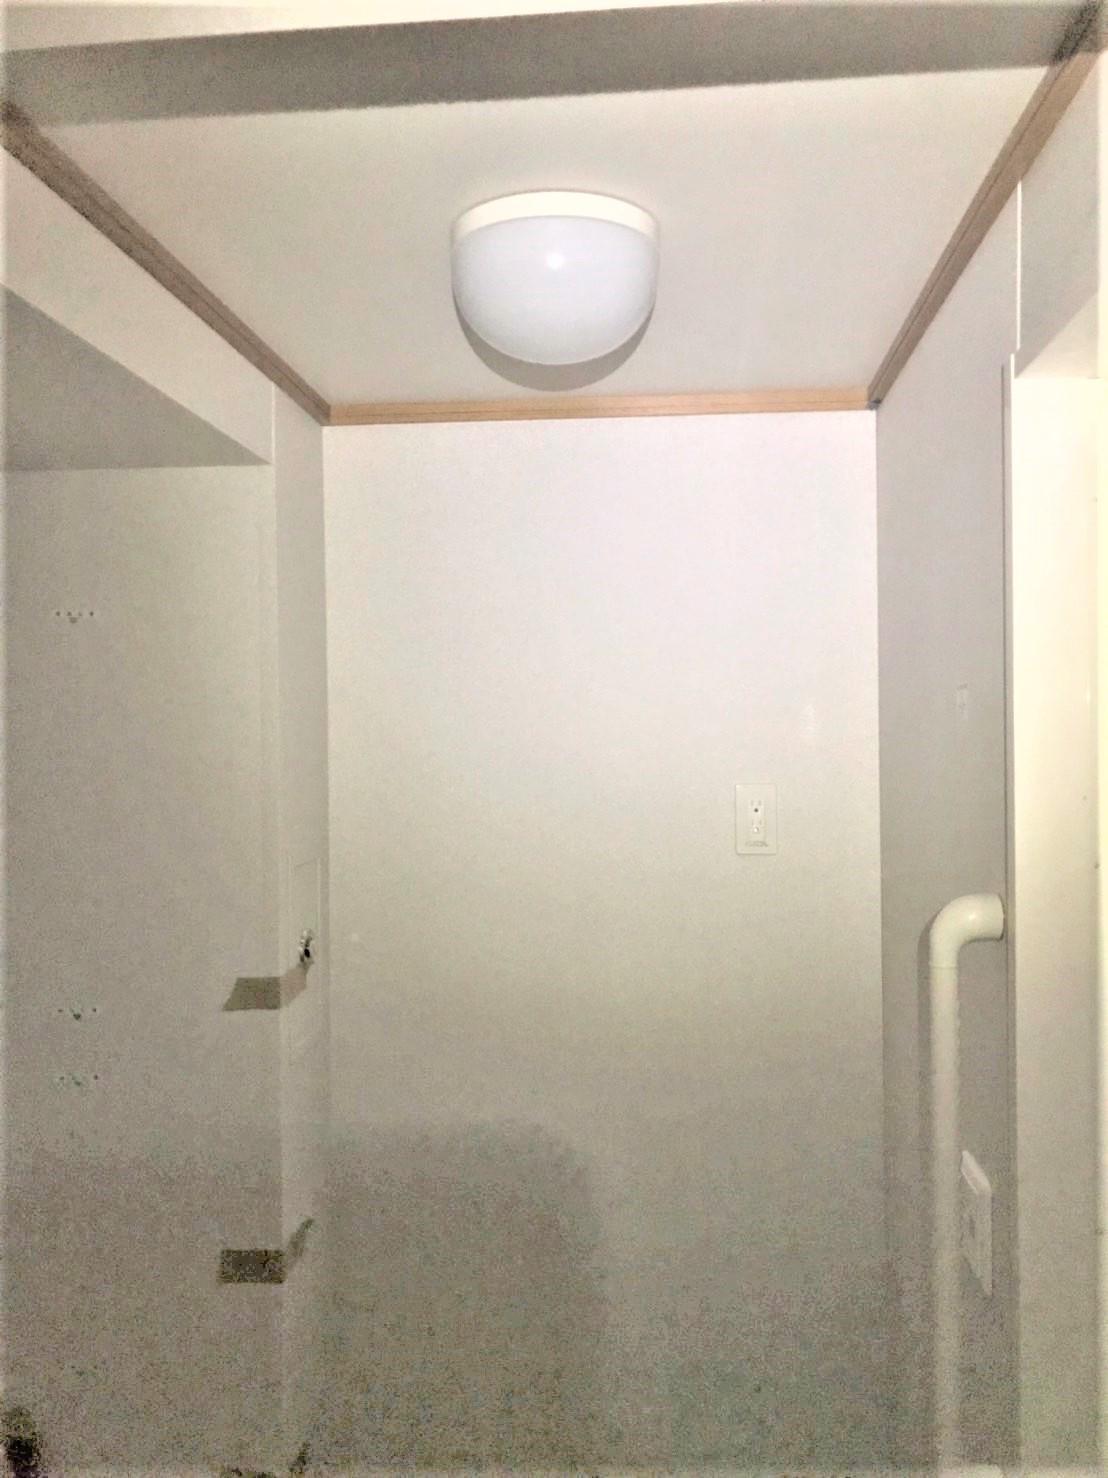 照明器具取付工事2